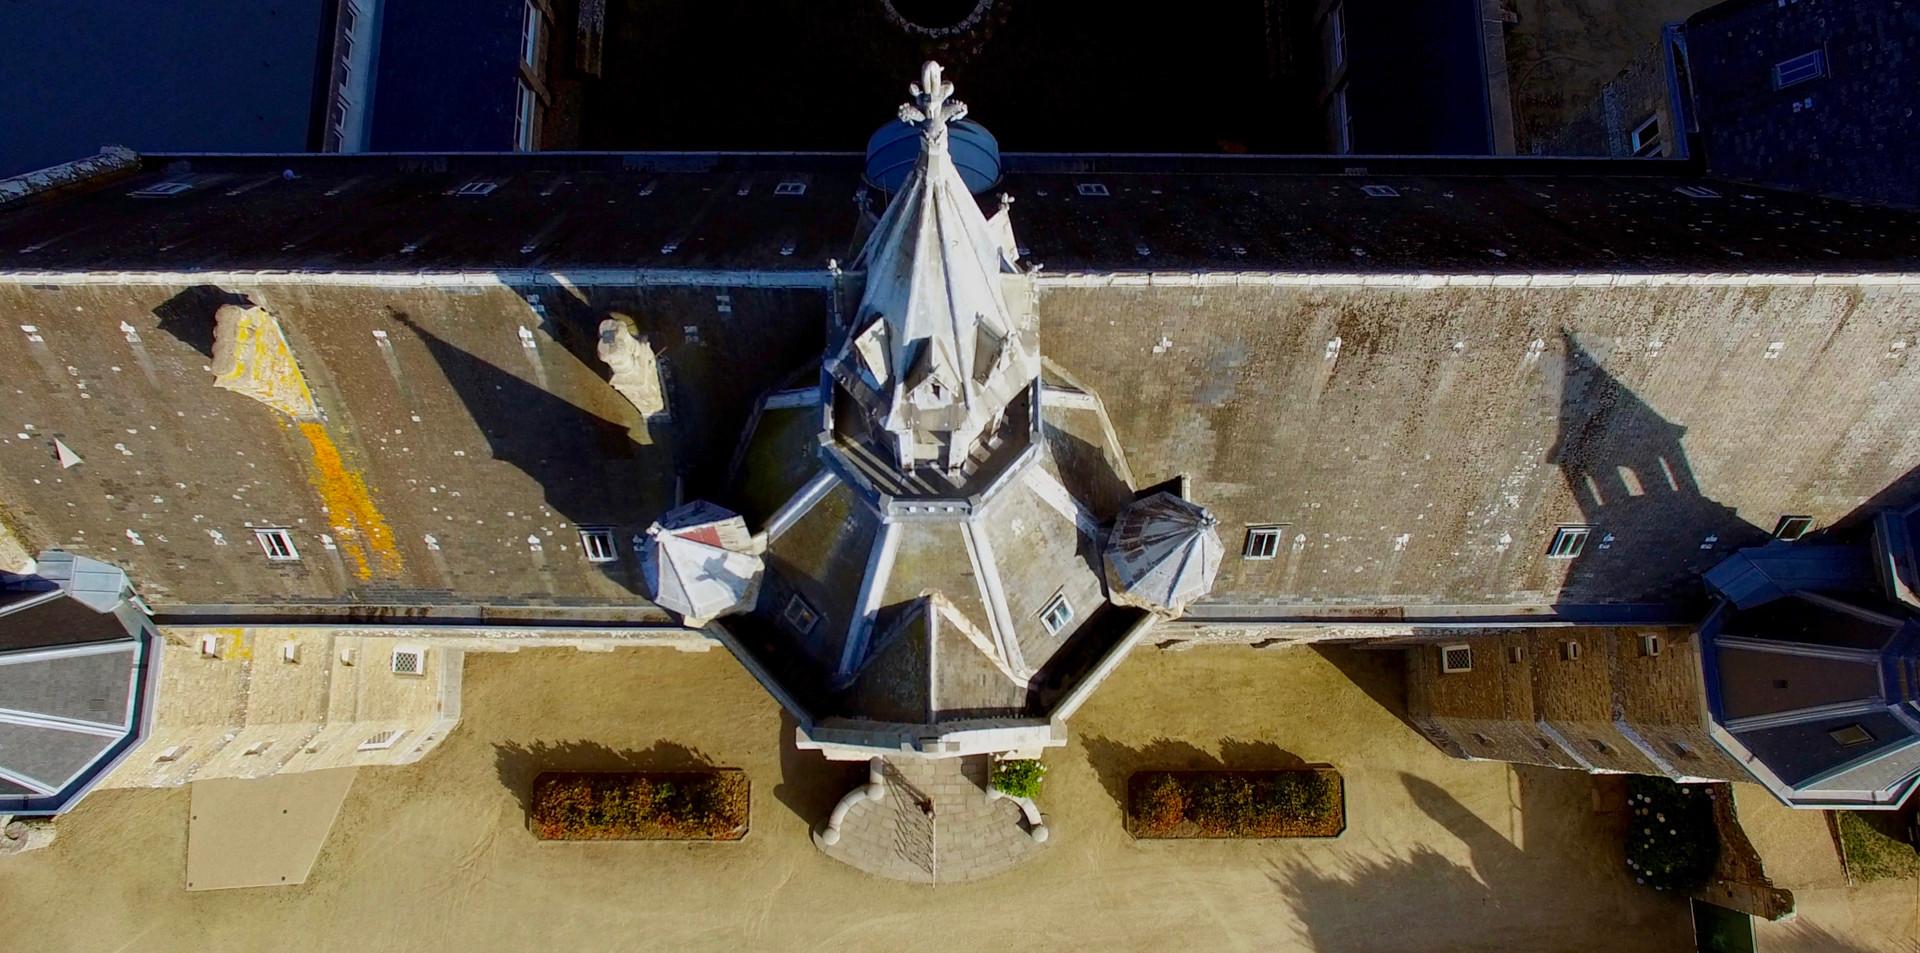 FlyUp Drone-Abbaye St Michel de Kergonan-14